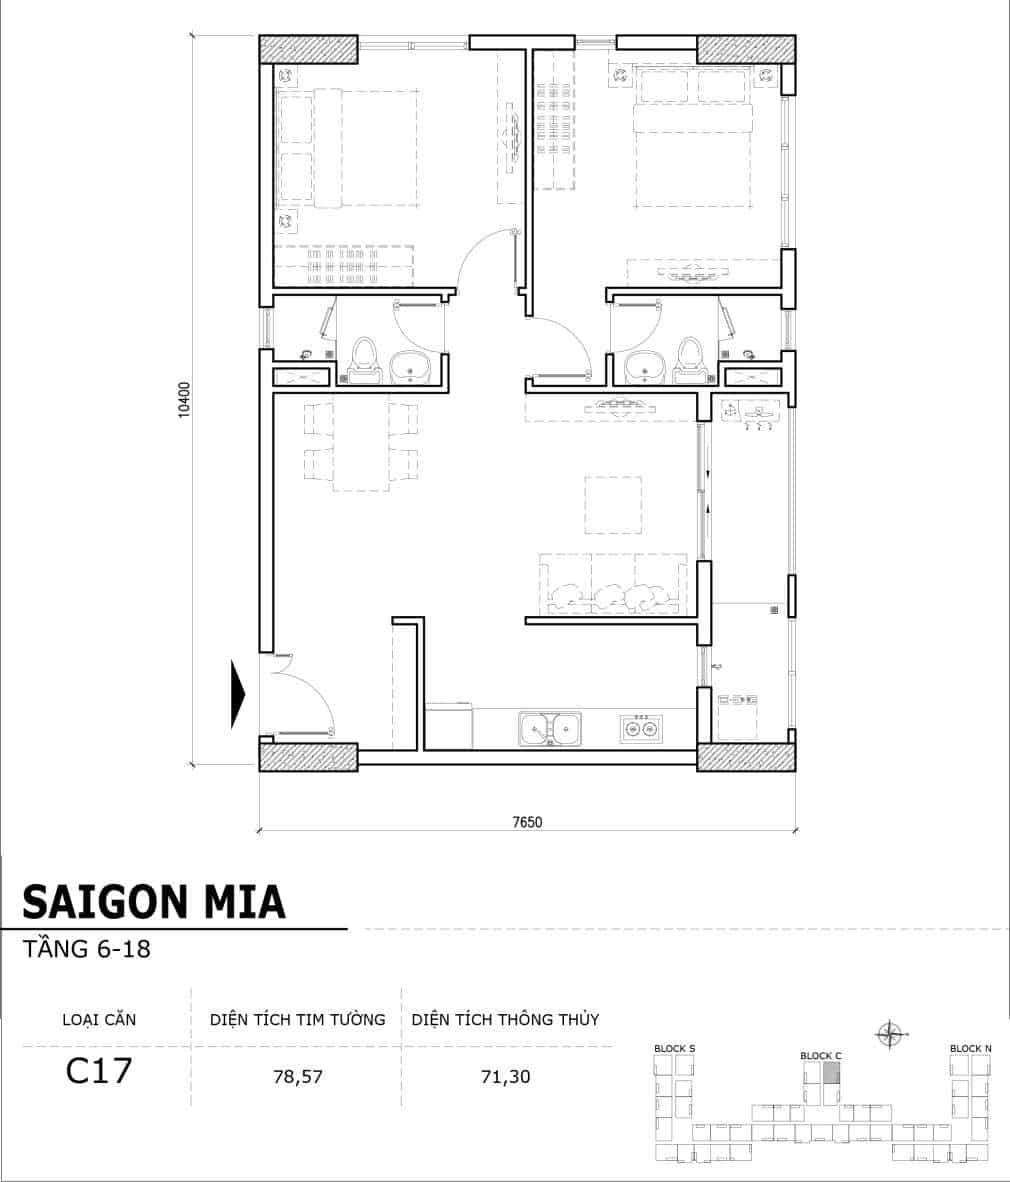 Chi tiết thiết kế căn hộ điển hình tầng 6-18 dự án Sài Gòn Mia - Căn C17